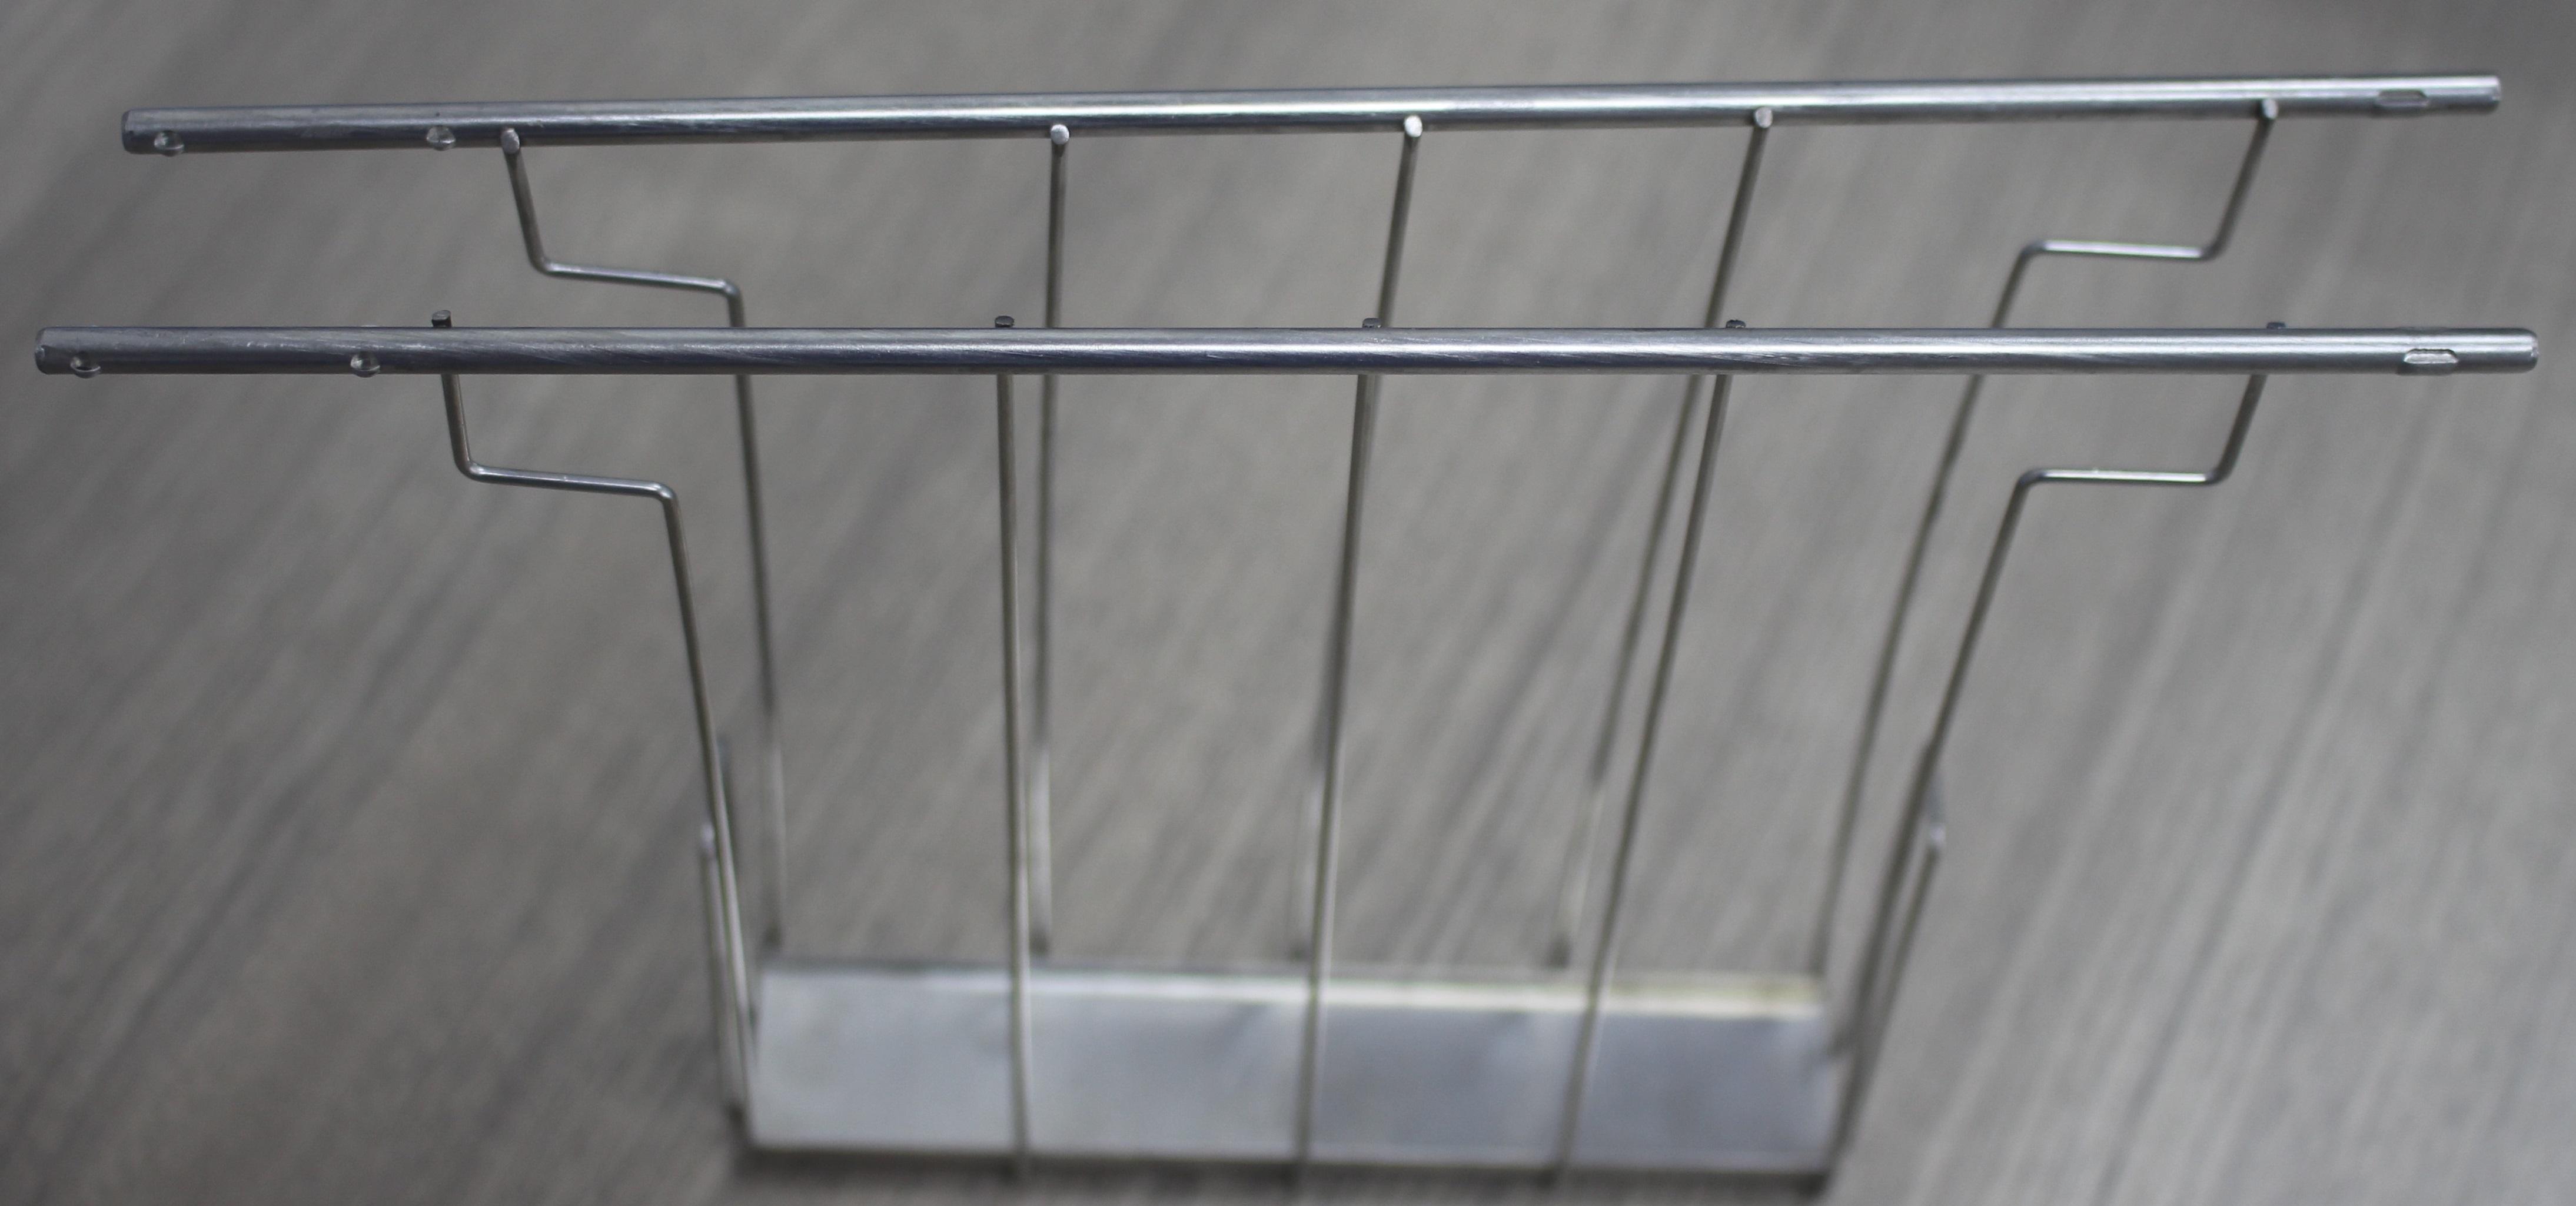 不锈钢网篮 网筐 油炸篮 面包夹款式各异